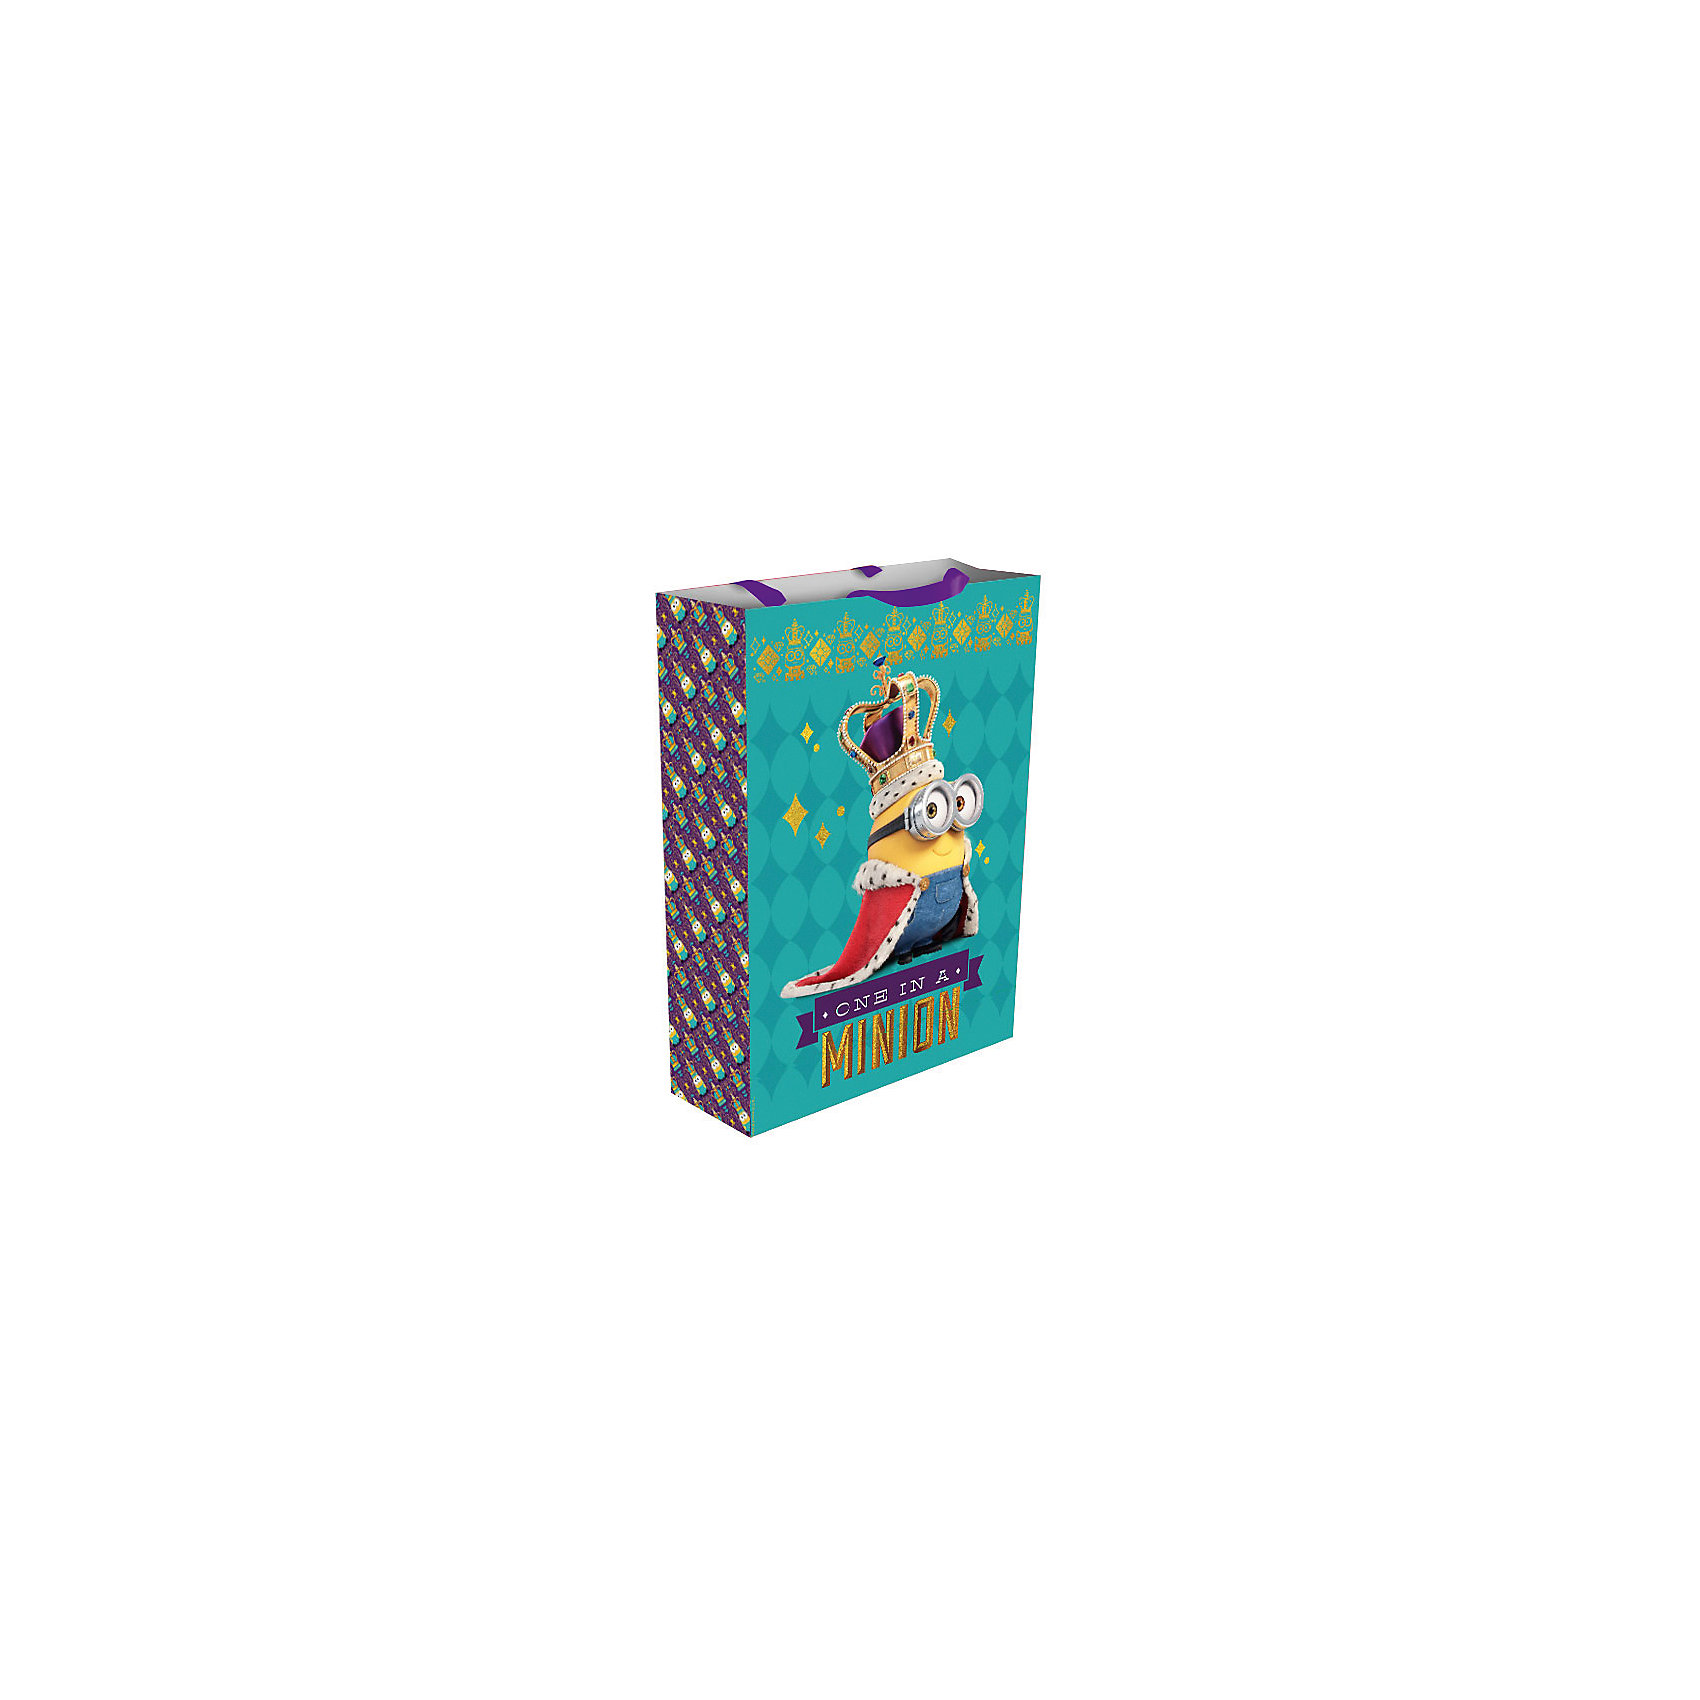 Росмэн Подарочный пакет Миньон-монарх,350*250*90 товары для праздника olala пакет подарочный миньон король 350 х 250 х 90 см